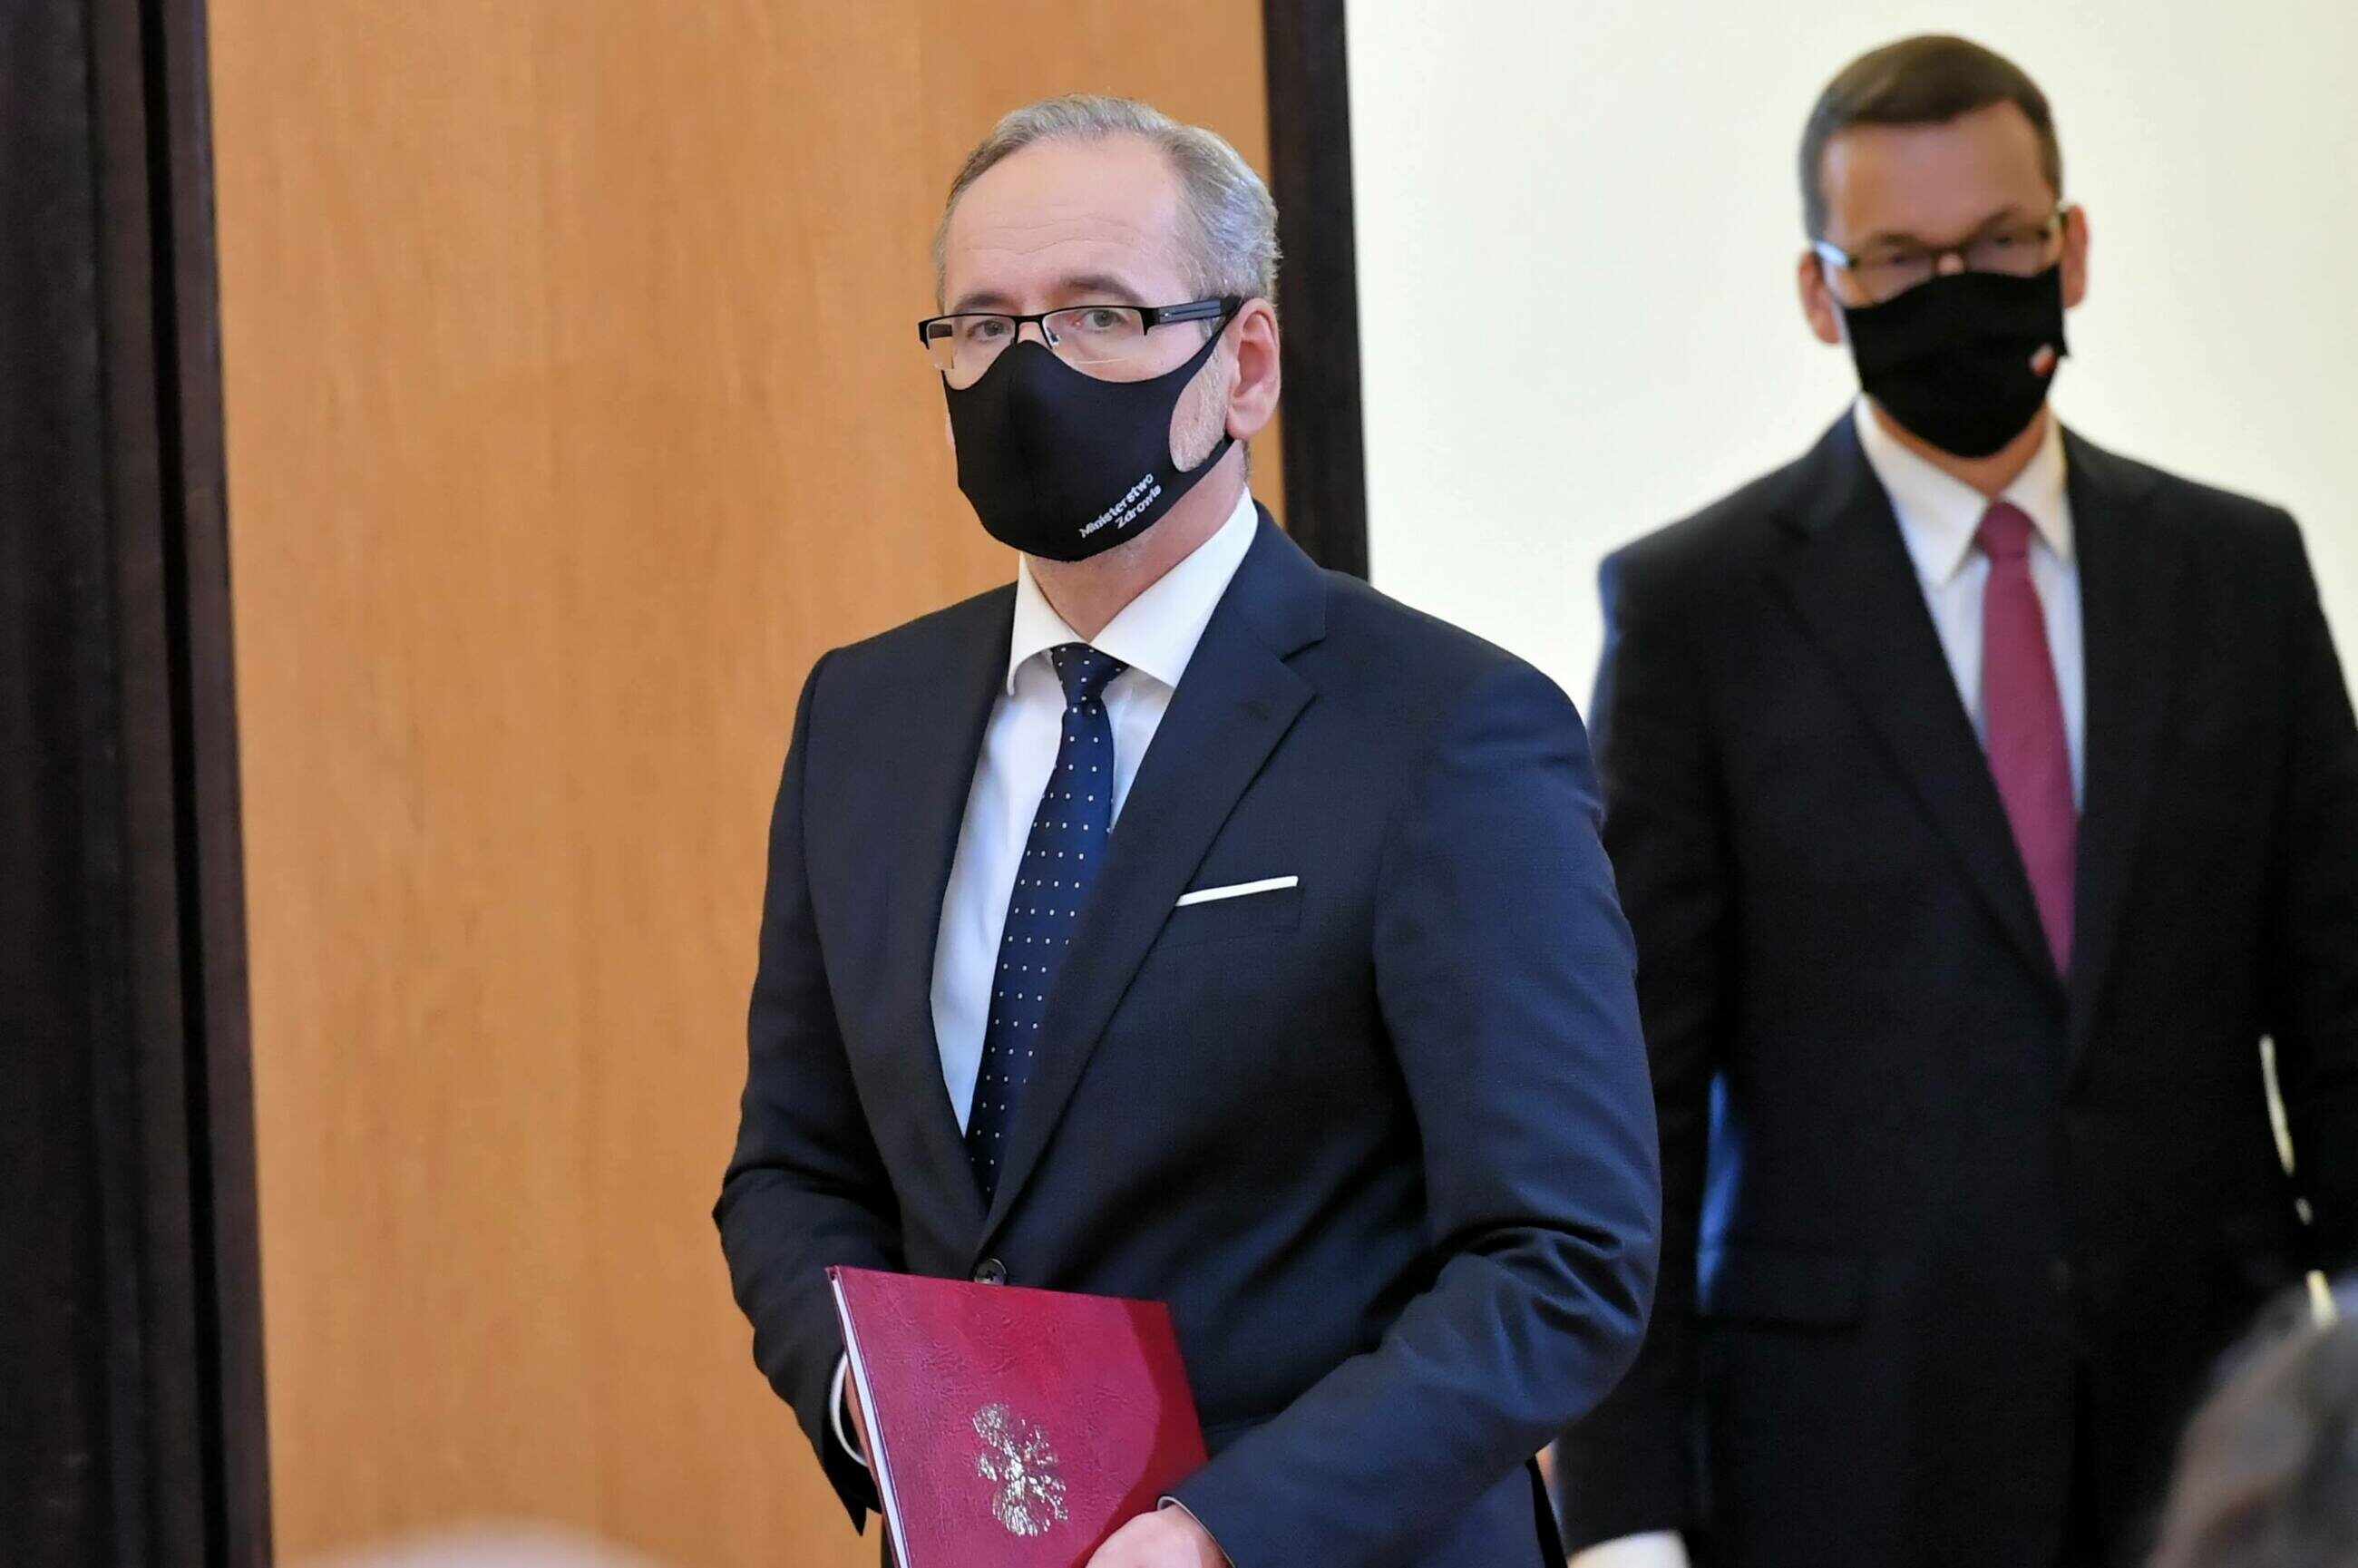 Szef MZ Adam Niedzielski podczas konferencji w KPRM. W tle premier Mateusz Morawiecki